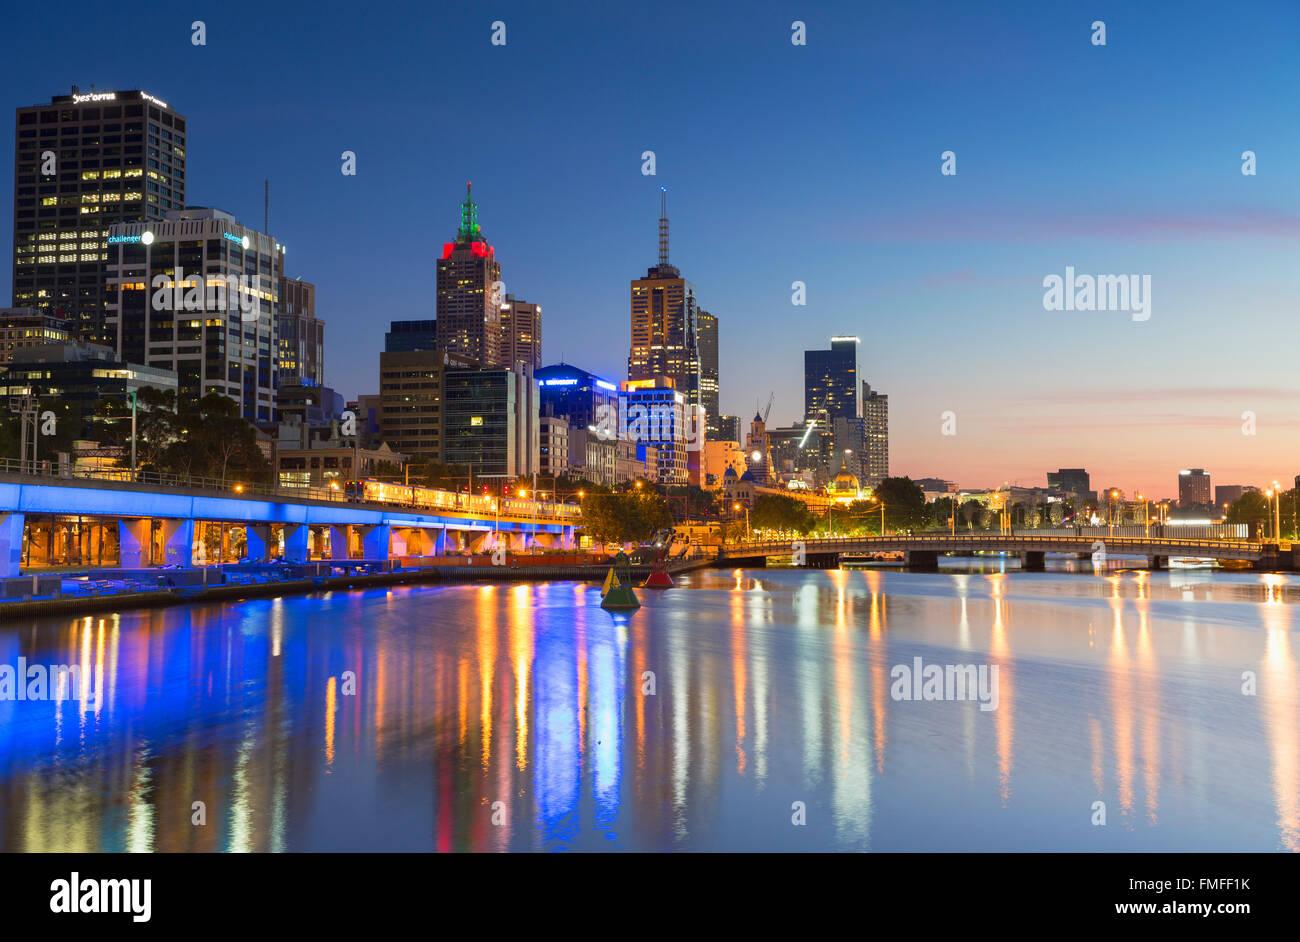 Skyline a lo largo de río Yarra al amanecer, Melbourne, Victoria, Australia Imagen De Stock